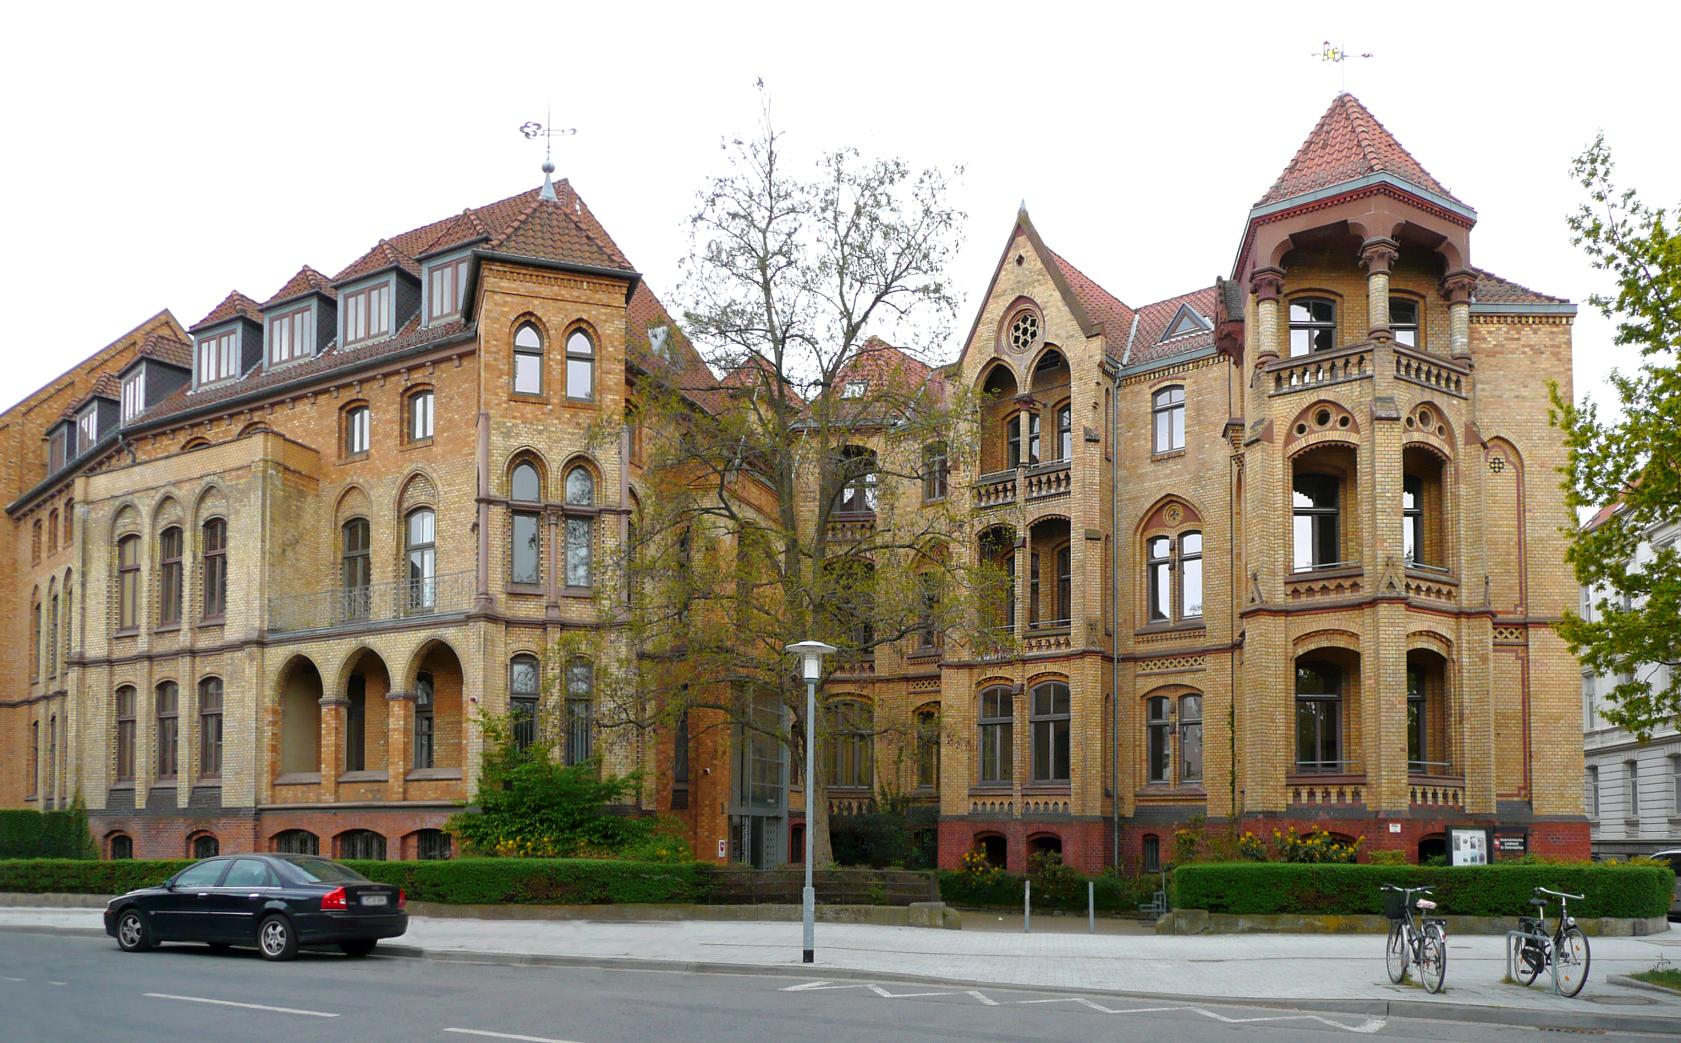 Niedersachsisches Landesamt Fur Denkmalpflege Wikipedia